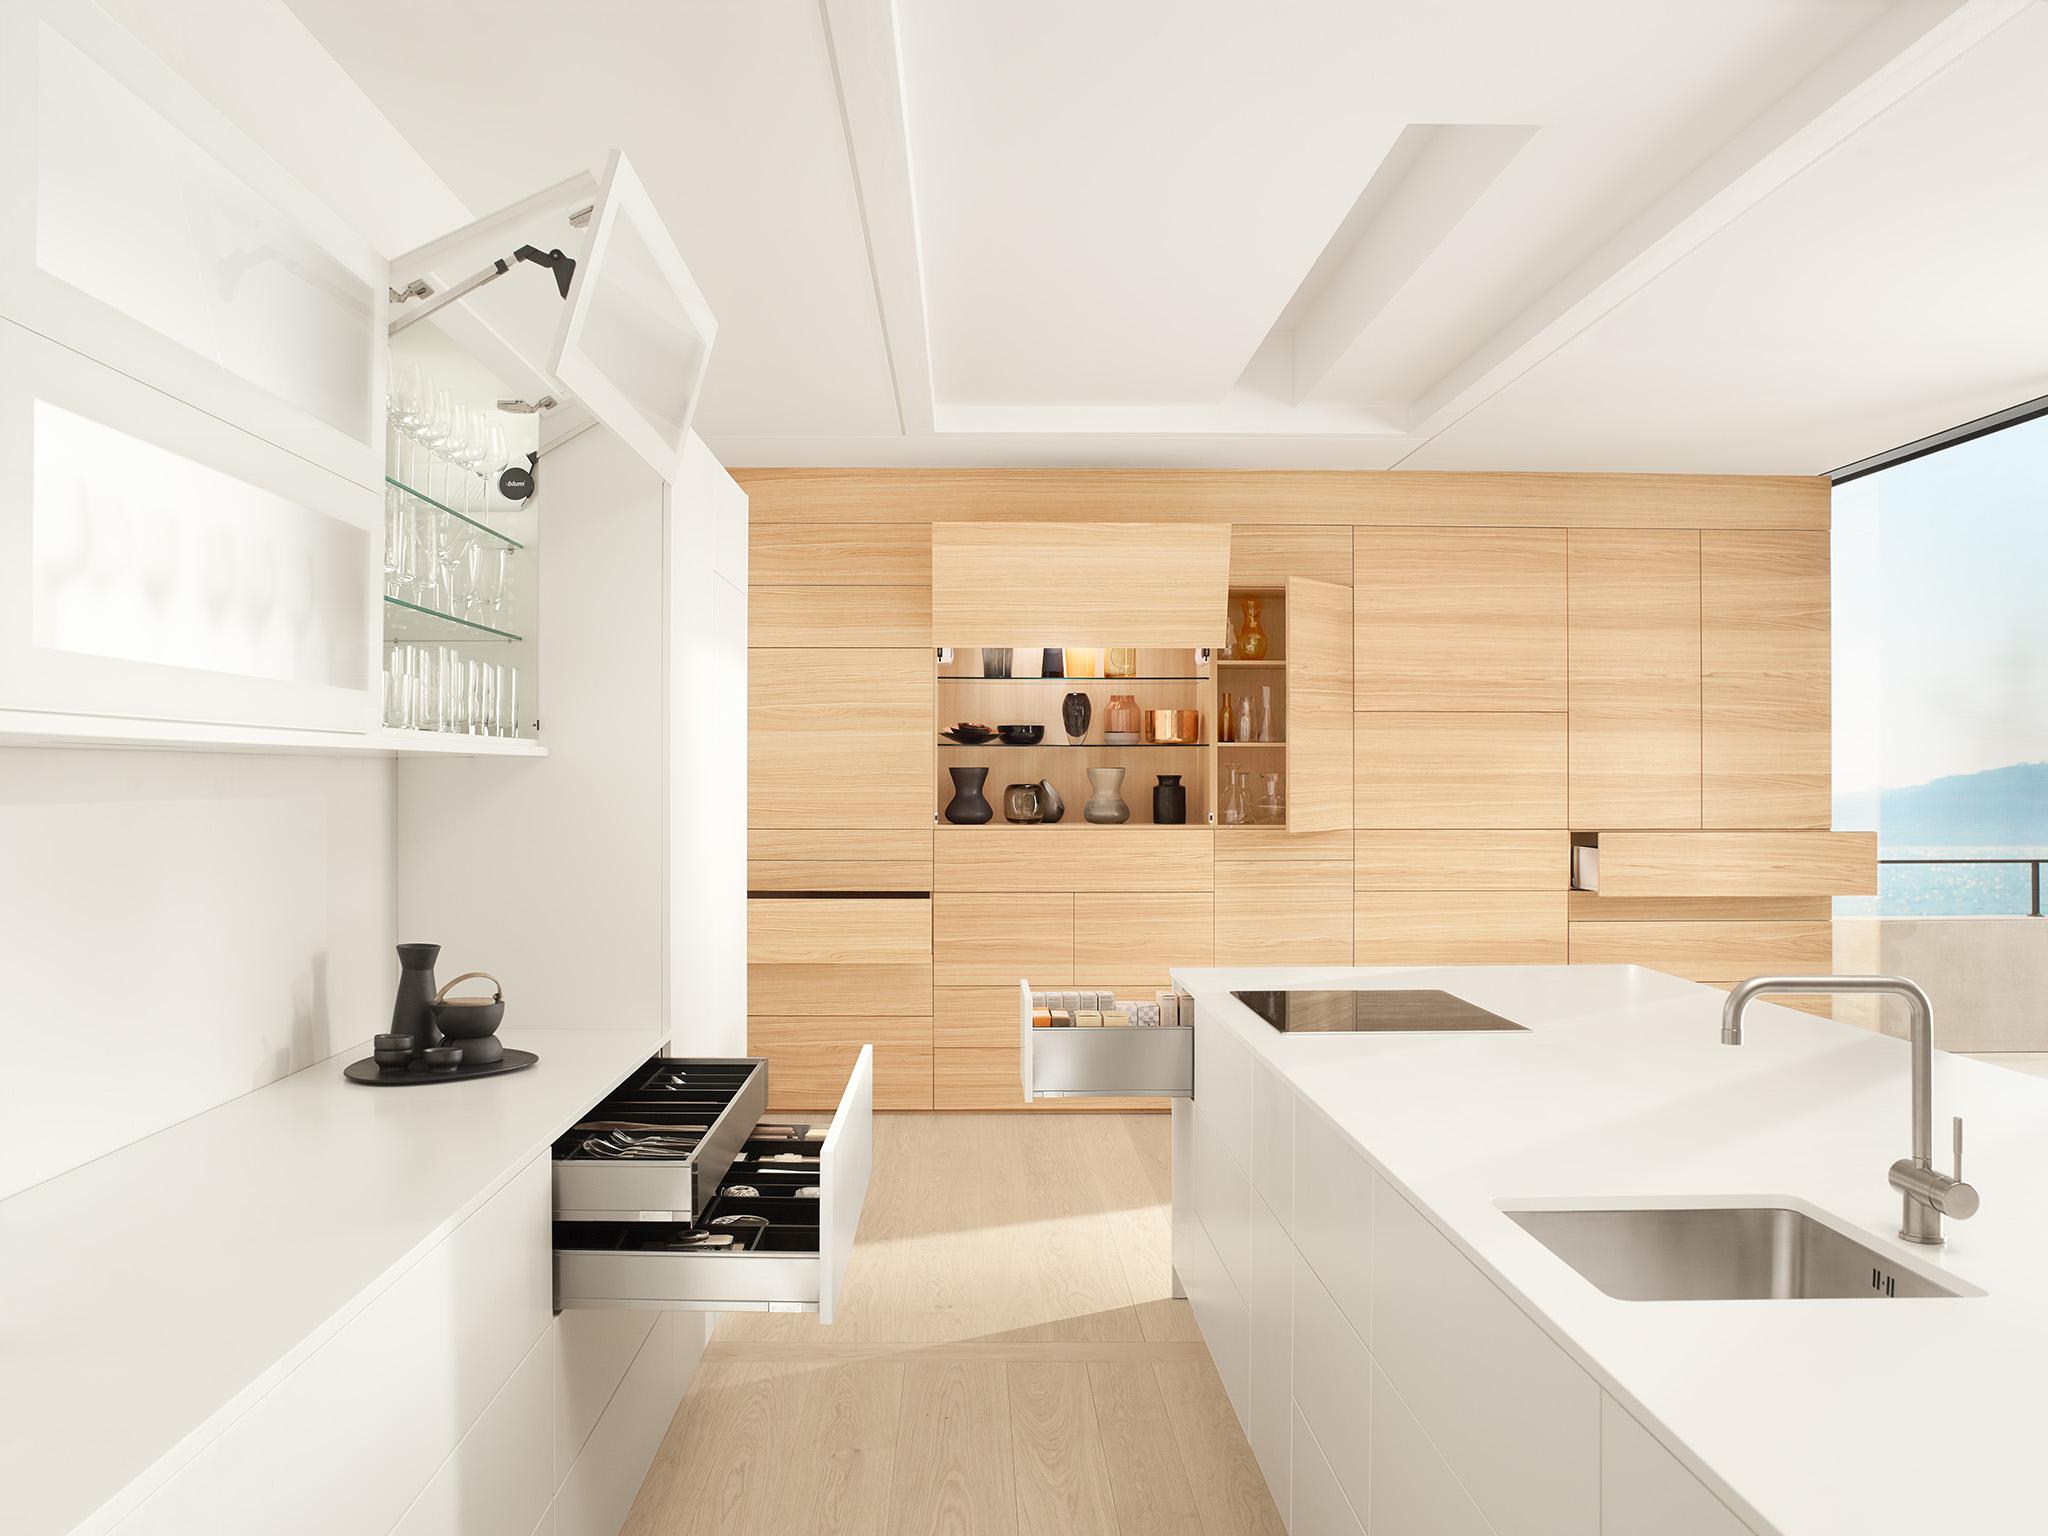 Full Size of Grifflose Küche Hochglanz Grifflose Küche Glasfront Weiße Grifflose Küche Grifflose Küche Kühlschrank öffnen Küche Grifflose Küche